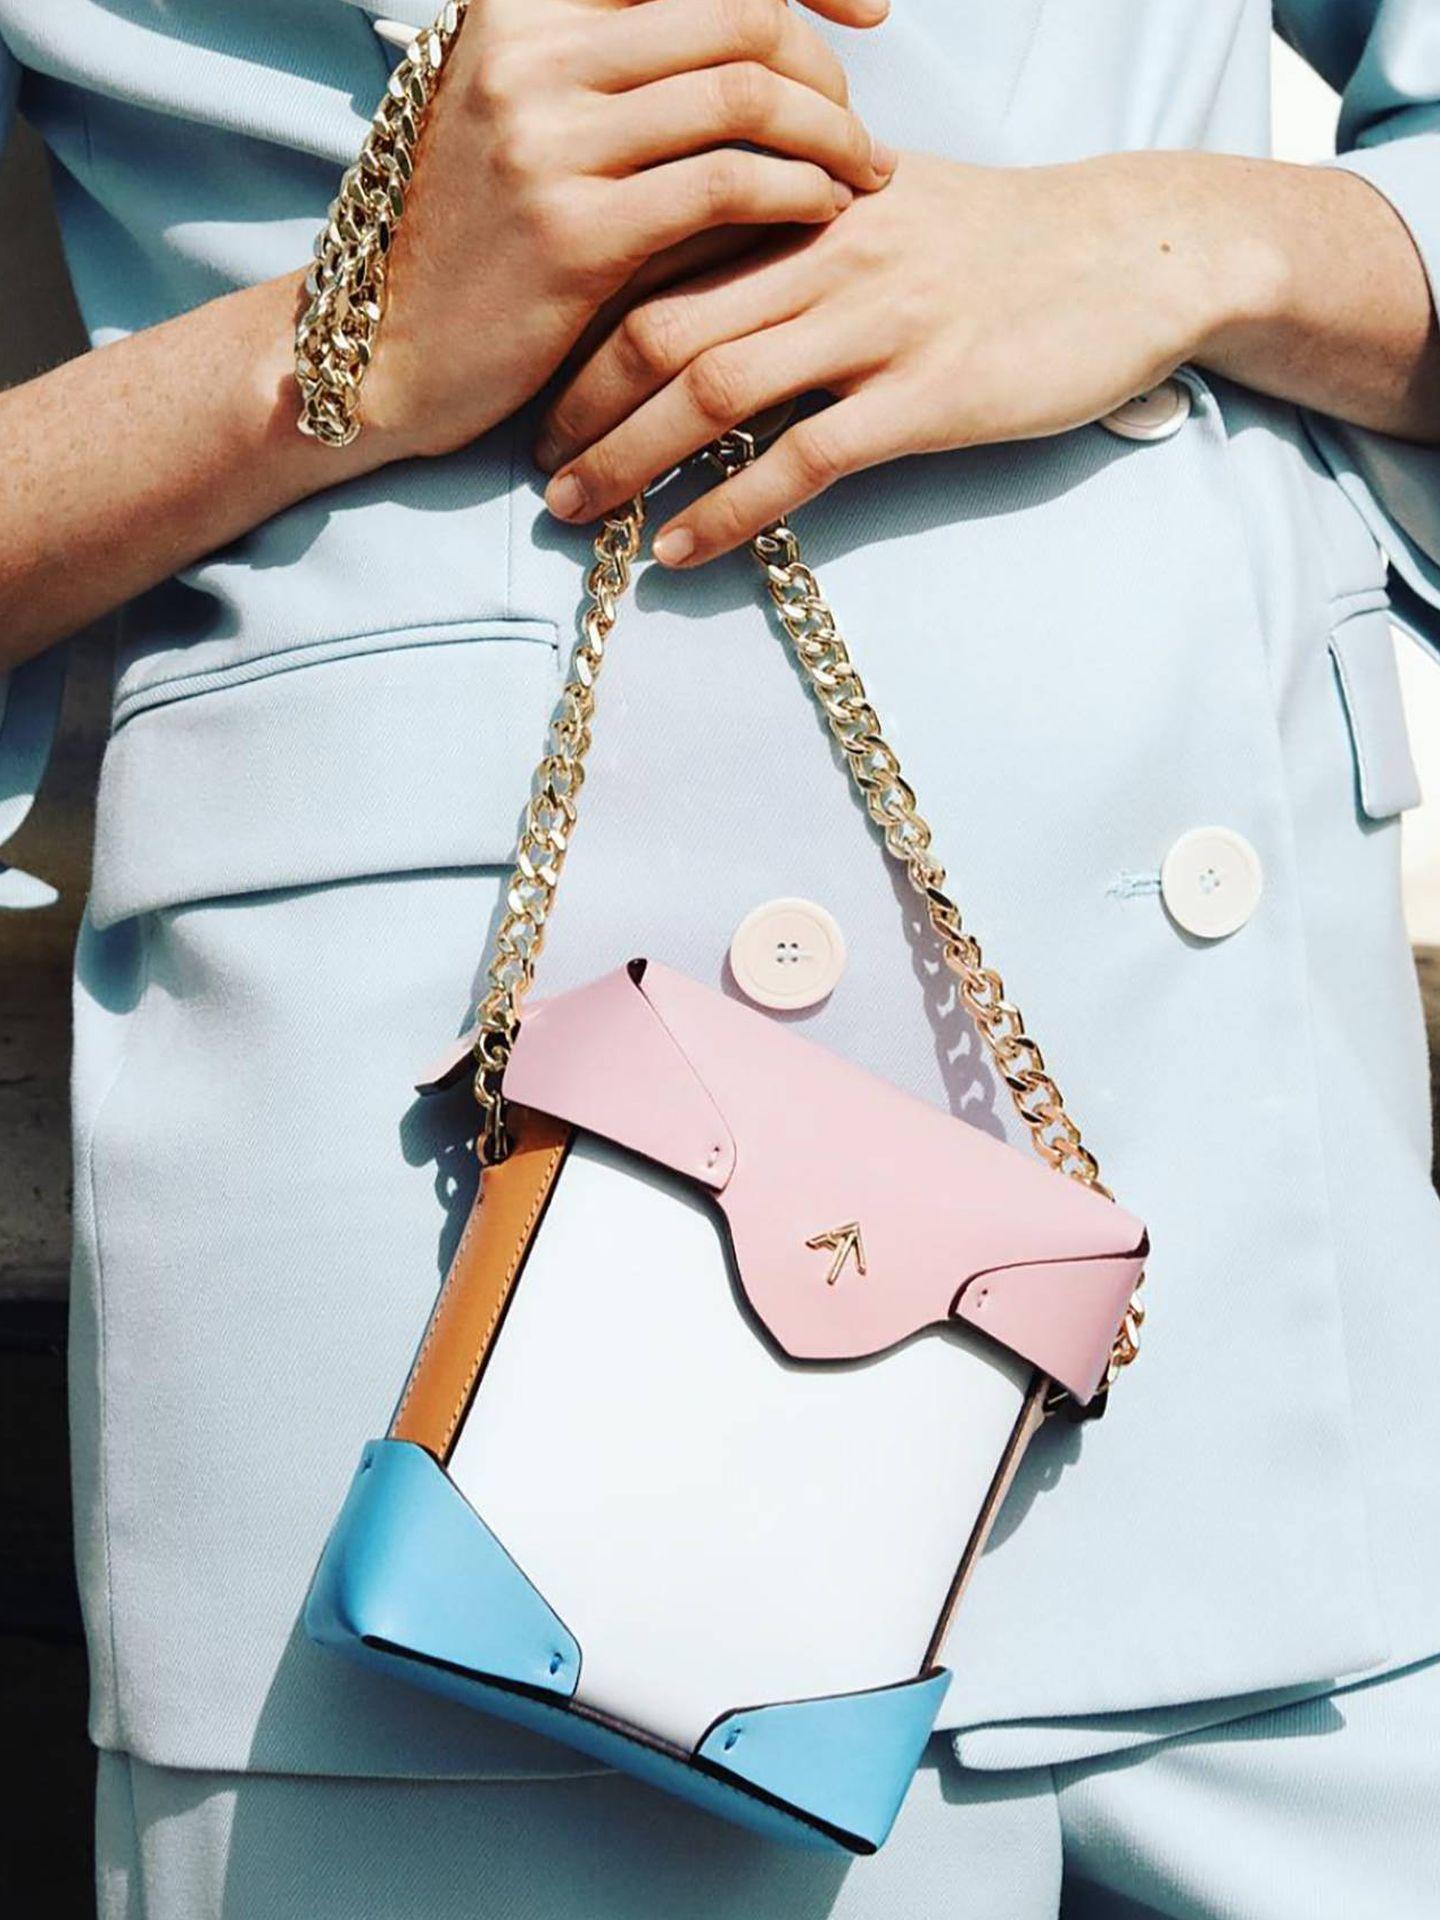 Los bolsos de Manu Atelier han conquistado a influencers de la talla de Blanca Miró. (Cortesía)